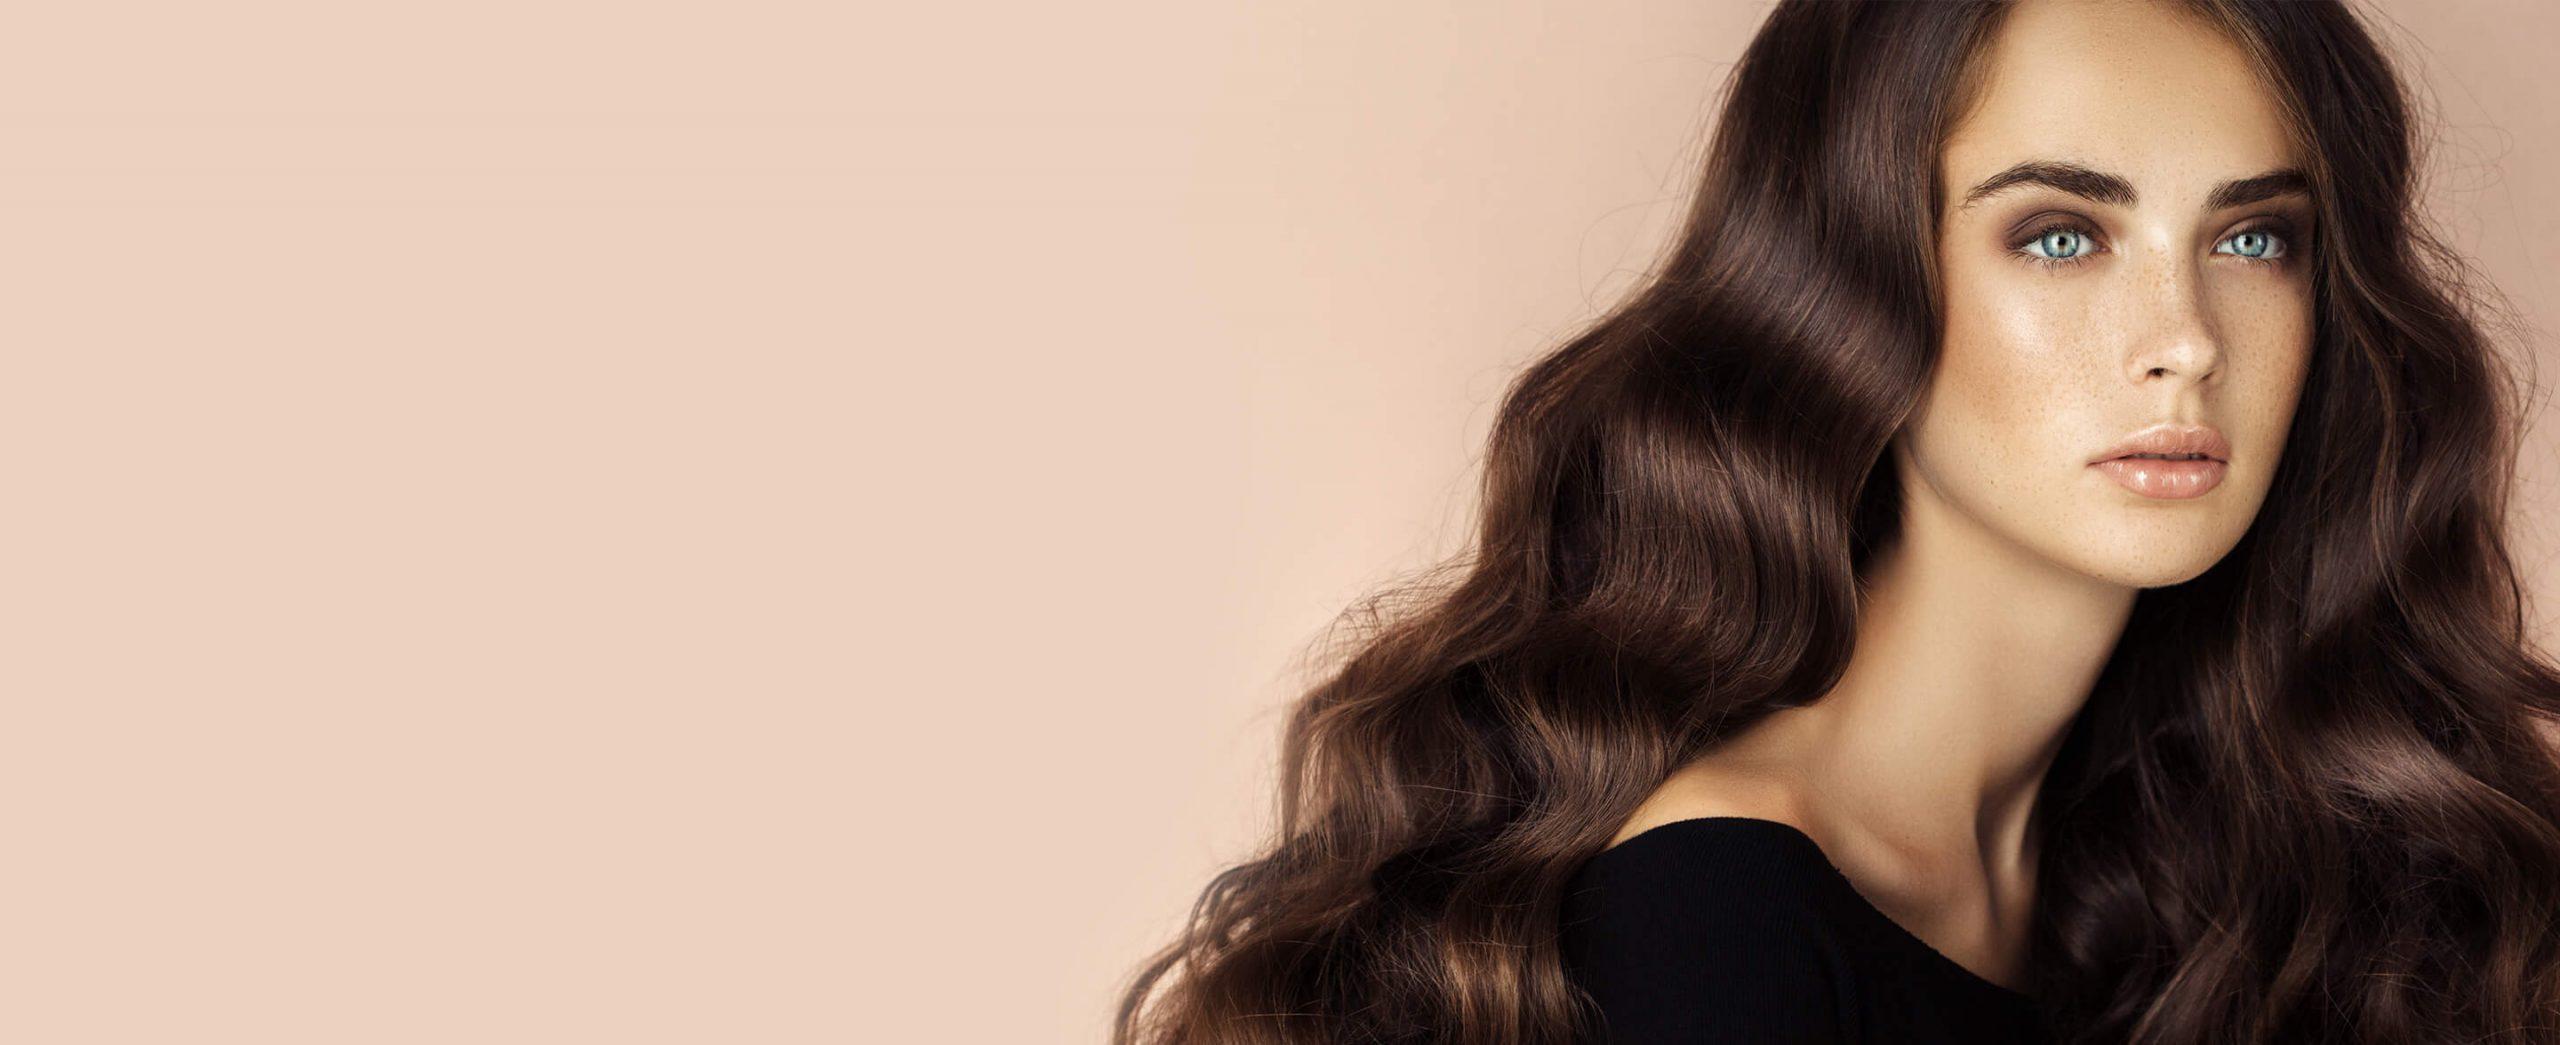 راه های جلوگیری از آسیب به مو